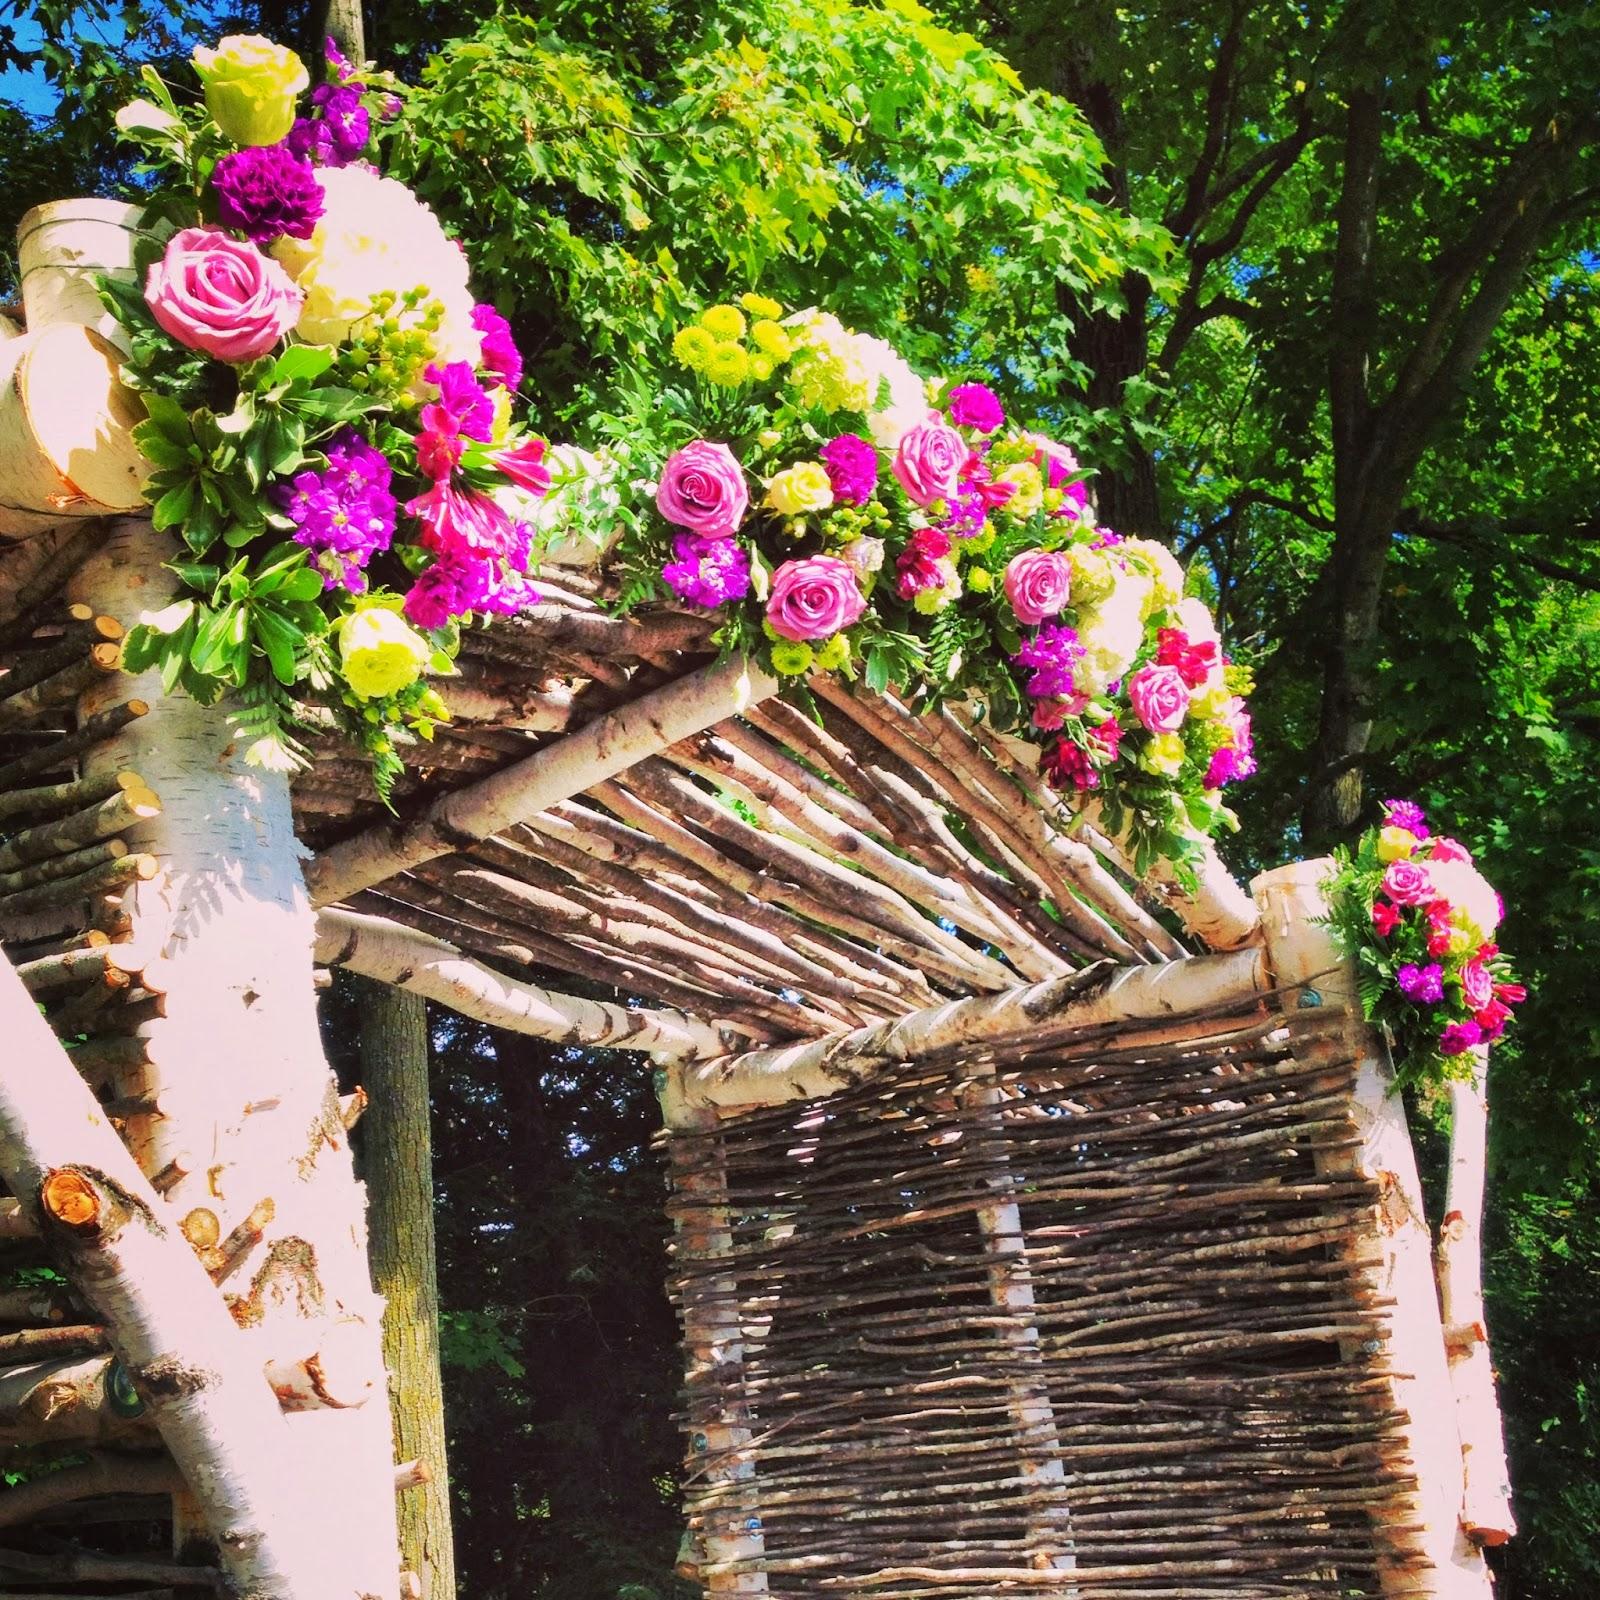 Bank of Flowers: Country Backyard Wedding